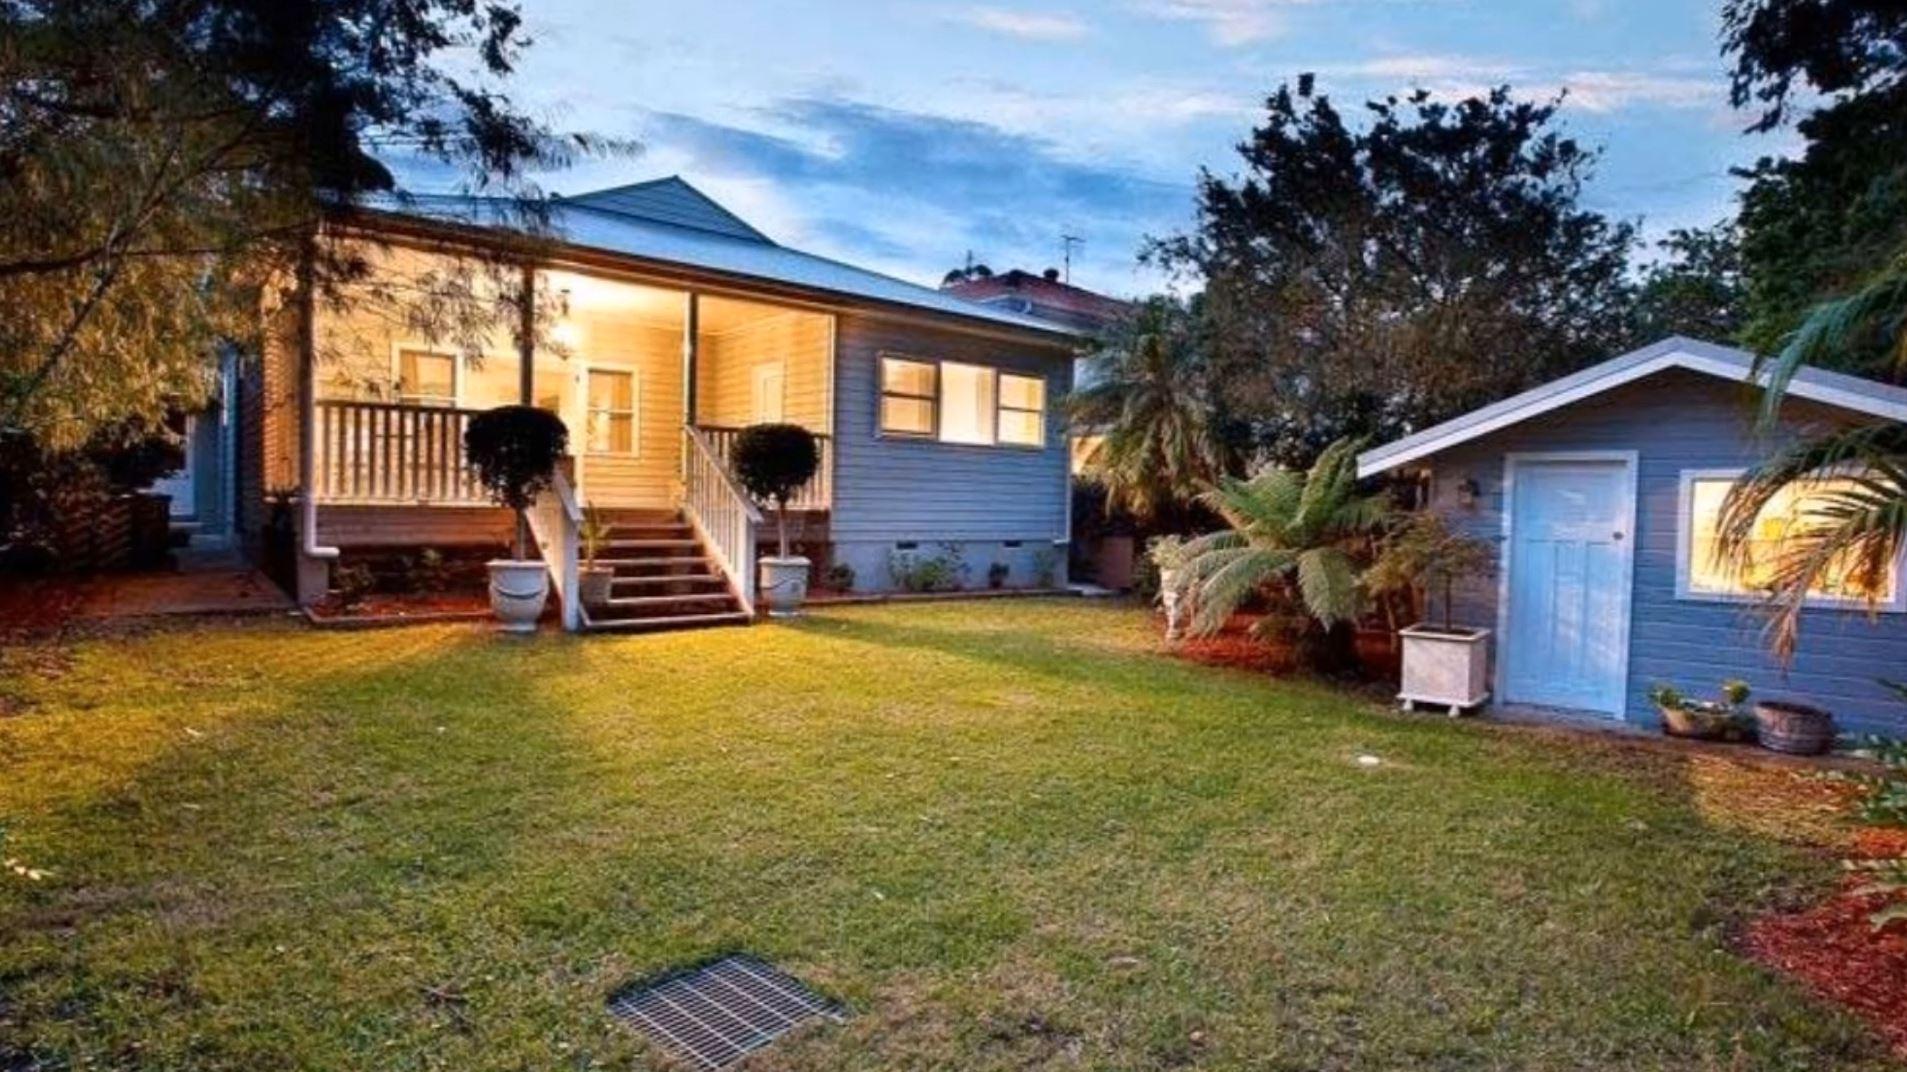 Contrafrente y jard n de casa bonita y sencilla for Casa hogar jardin